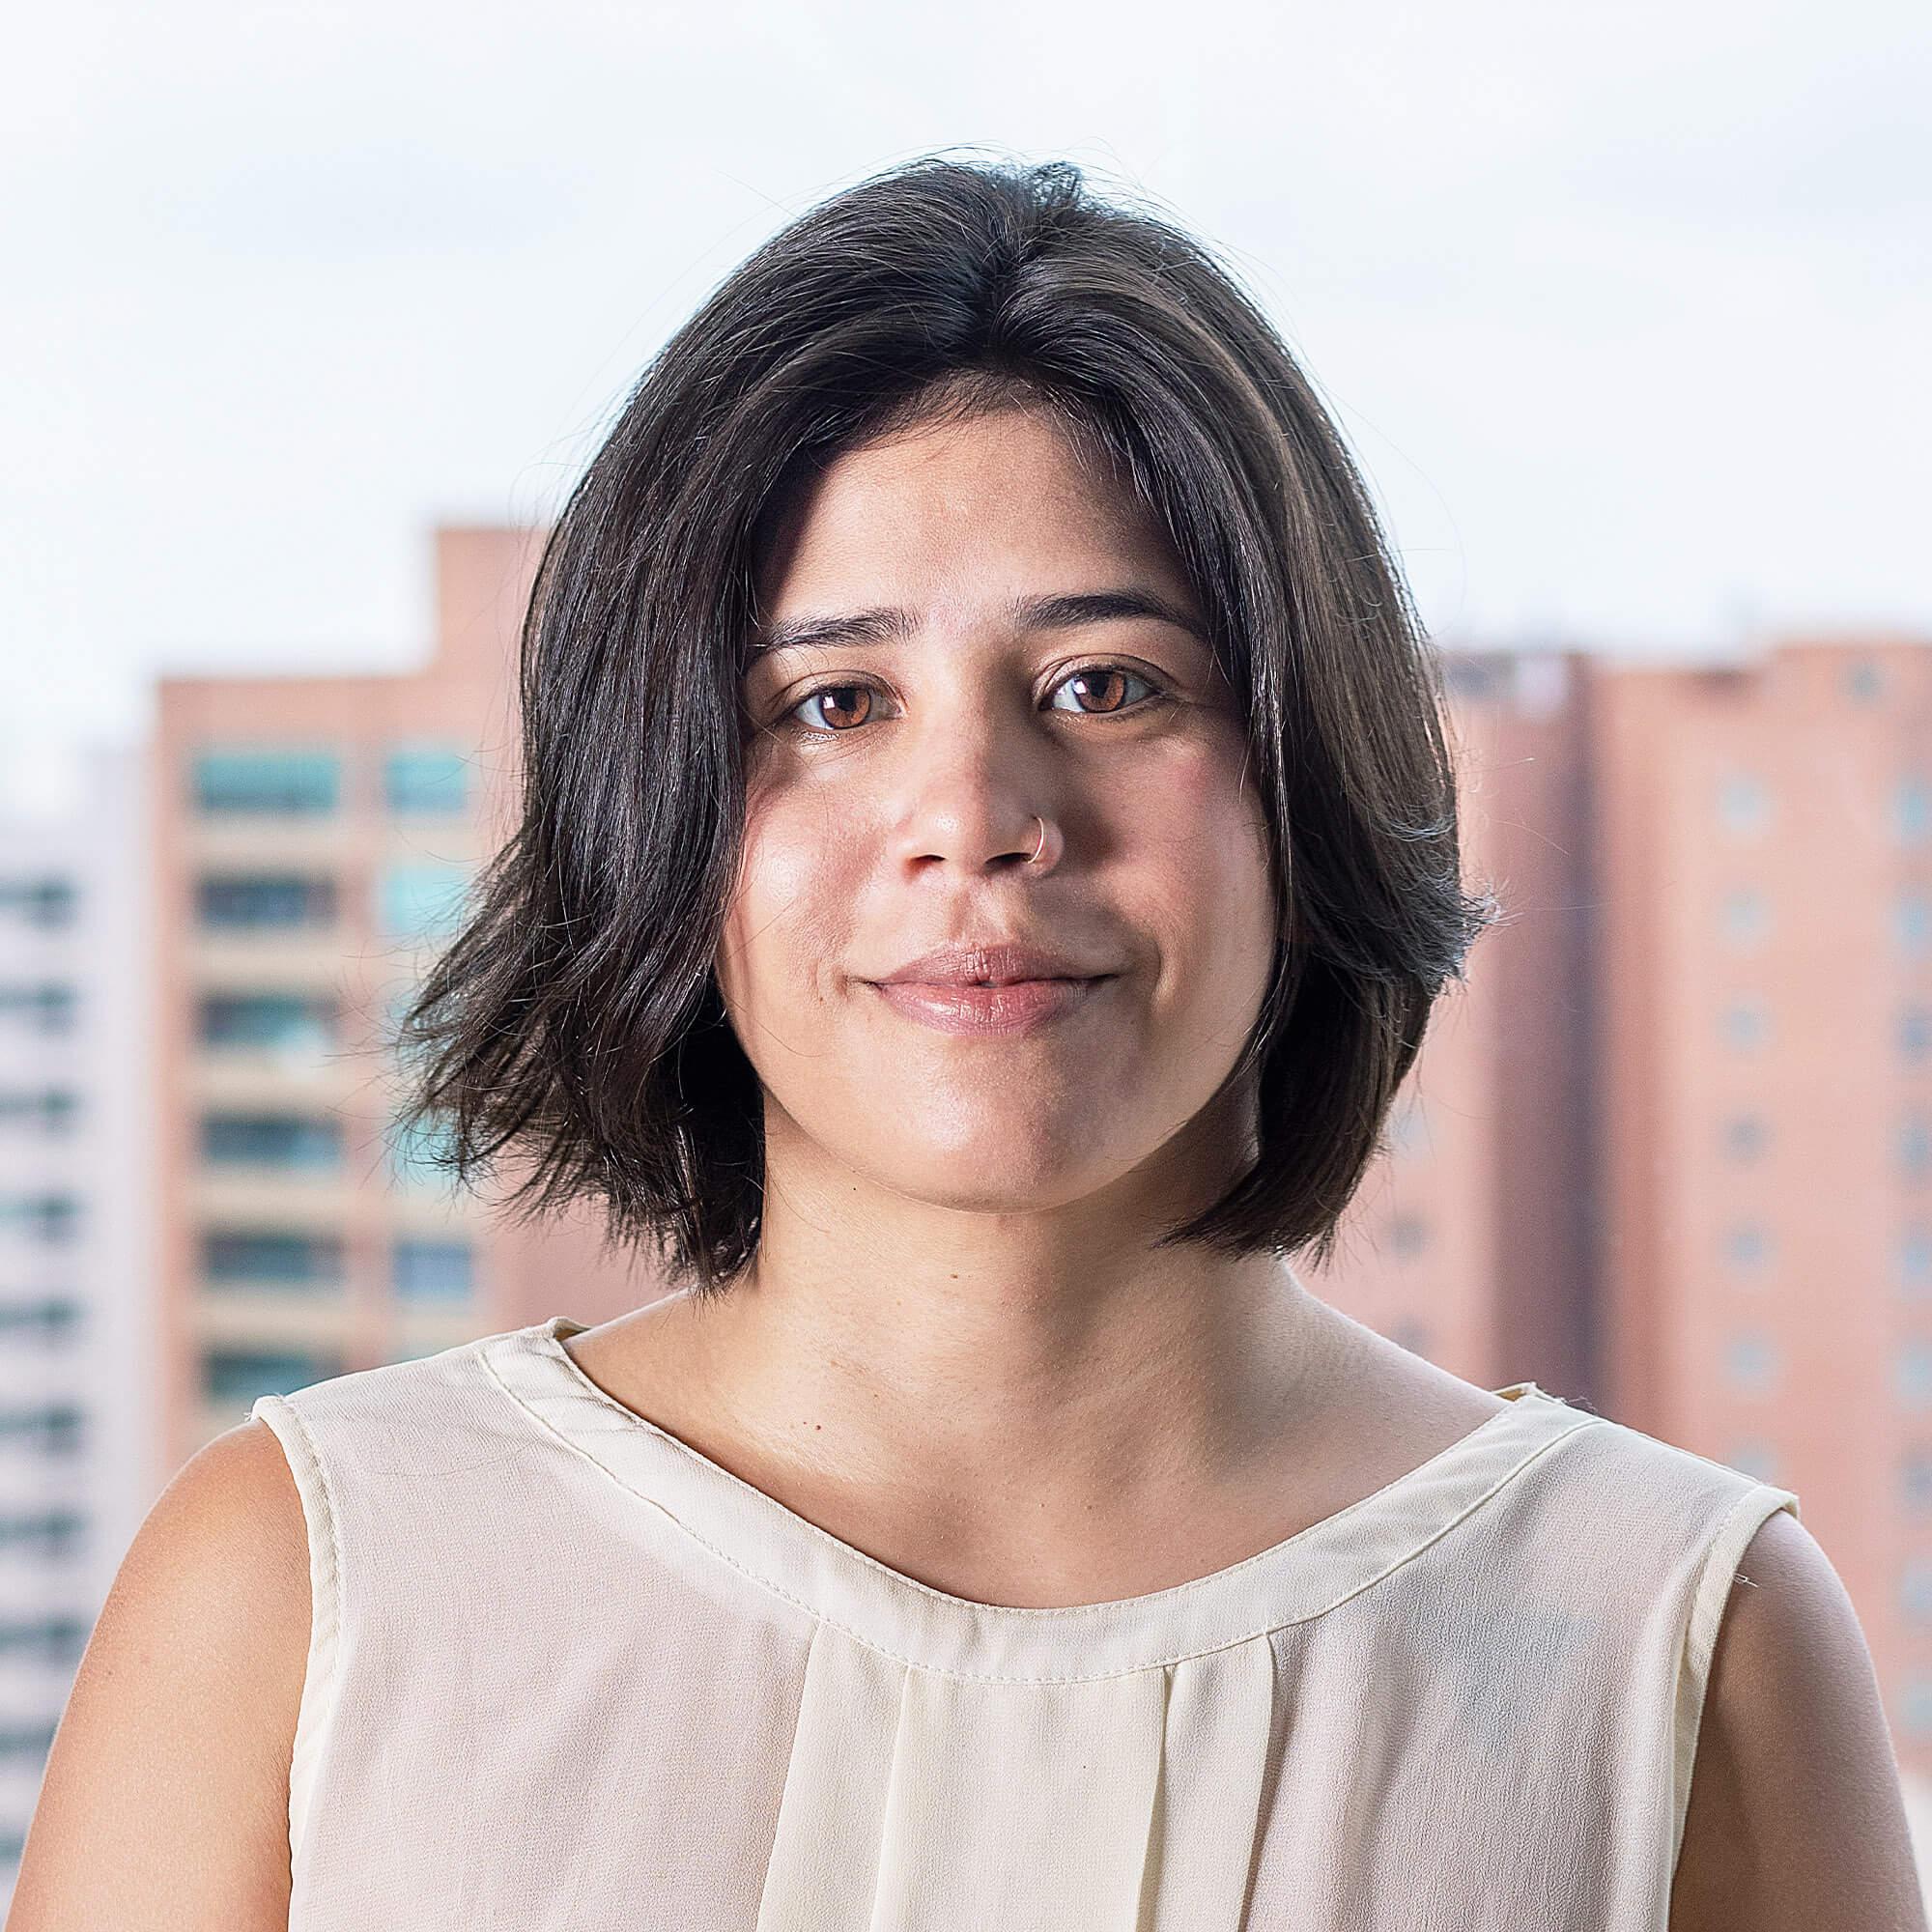 Alexandra Lastra